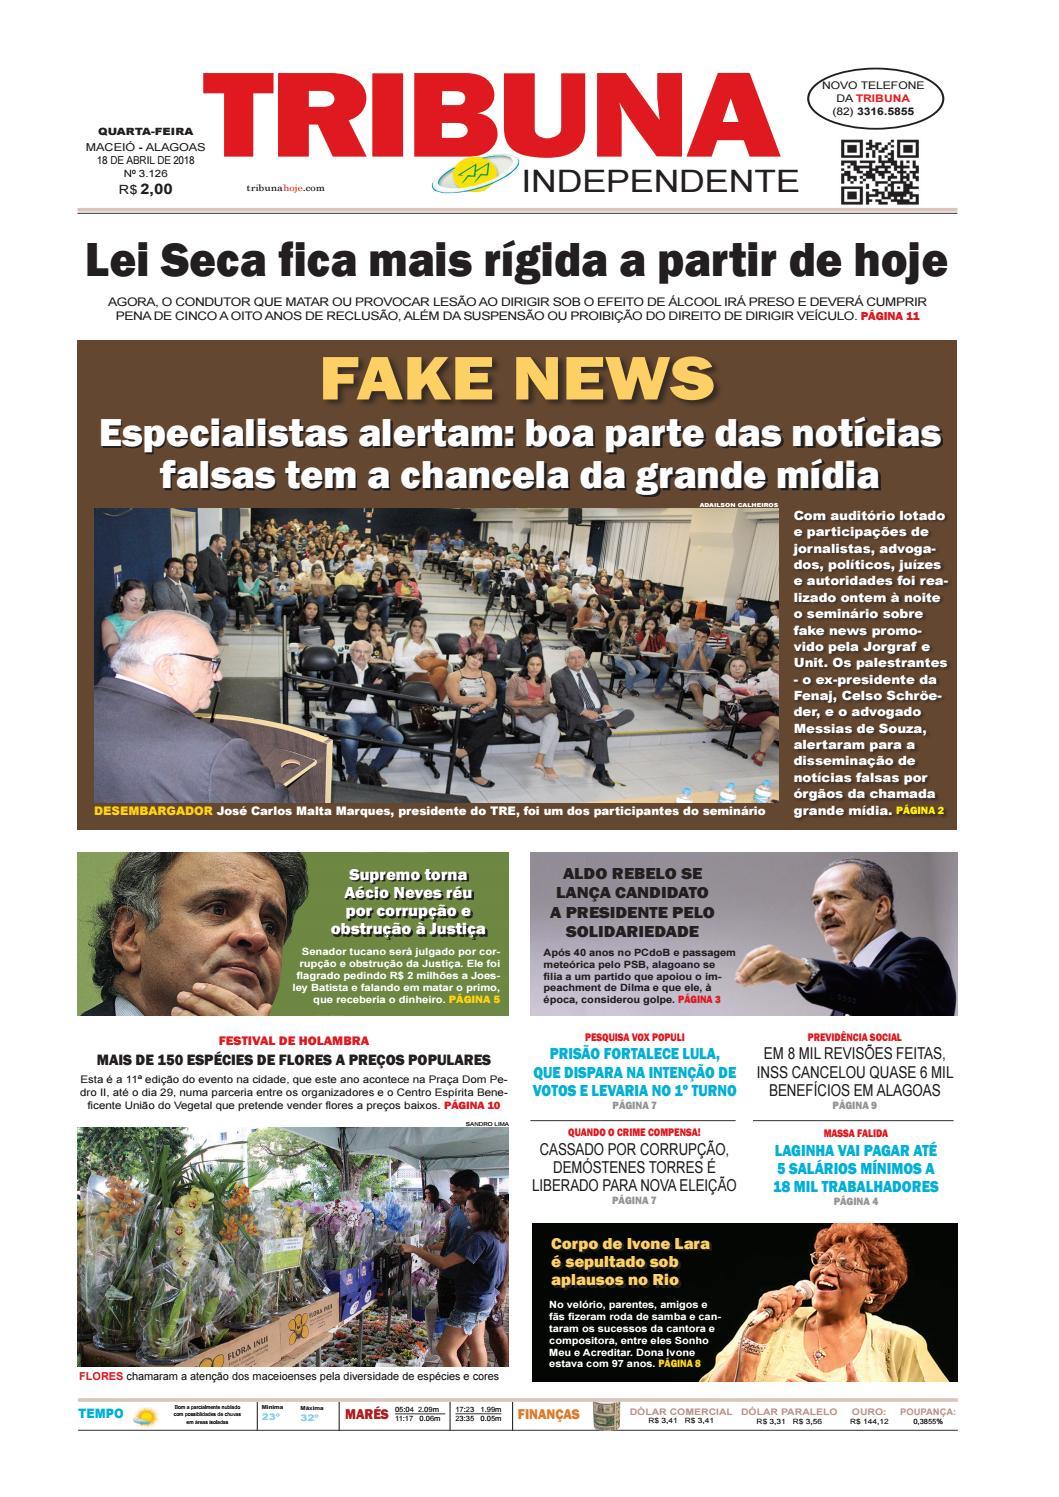 e95801096d Edição número 3126 - 18 de abril de 2018 by Tribuna Hoje - issuu